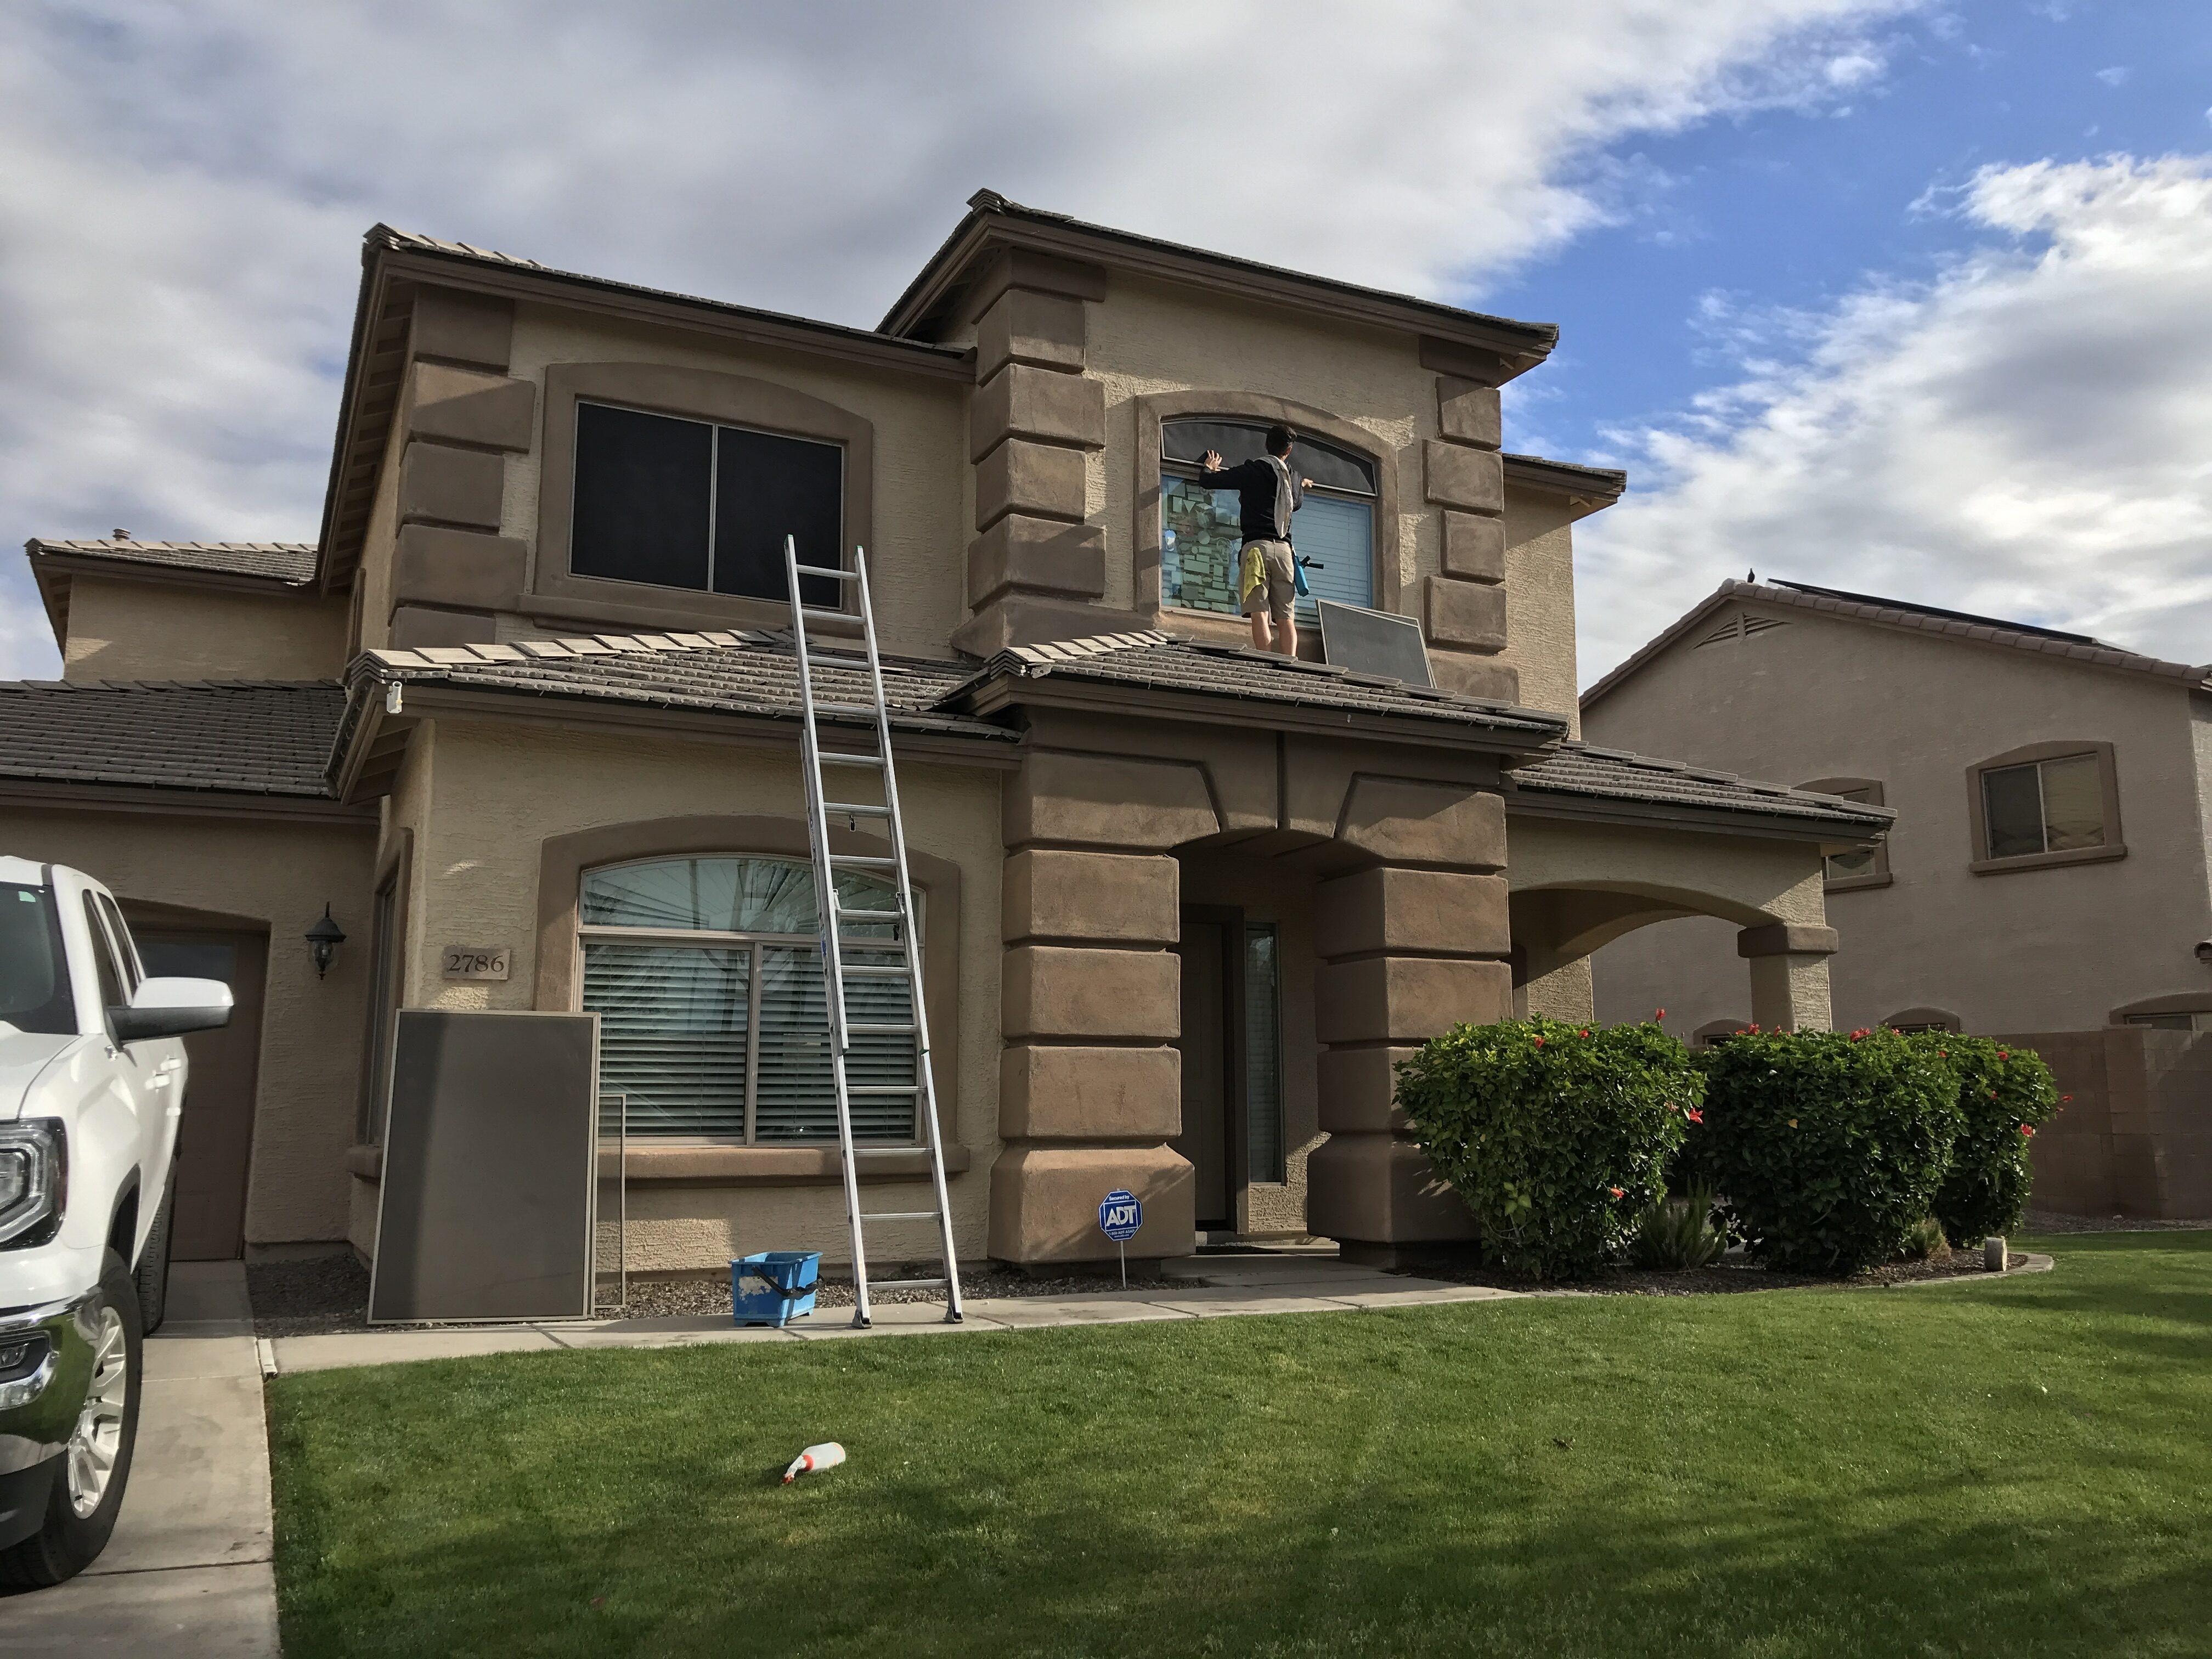 Sun Screen Cleaning in Gilbert, Arizona